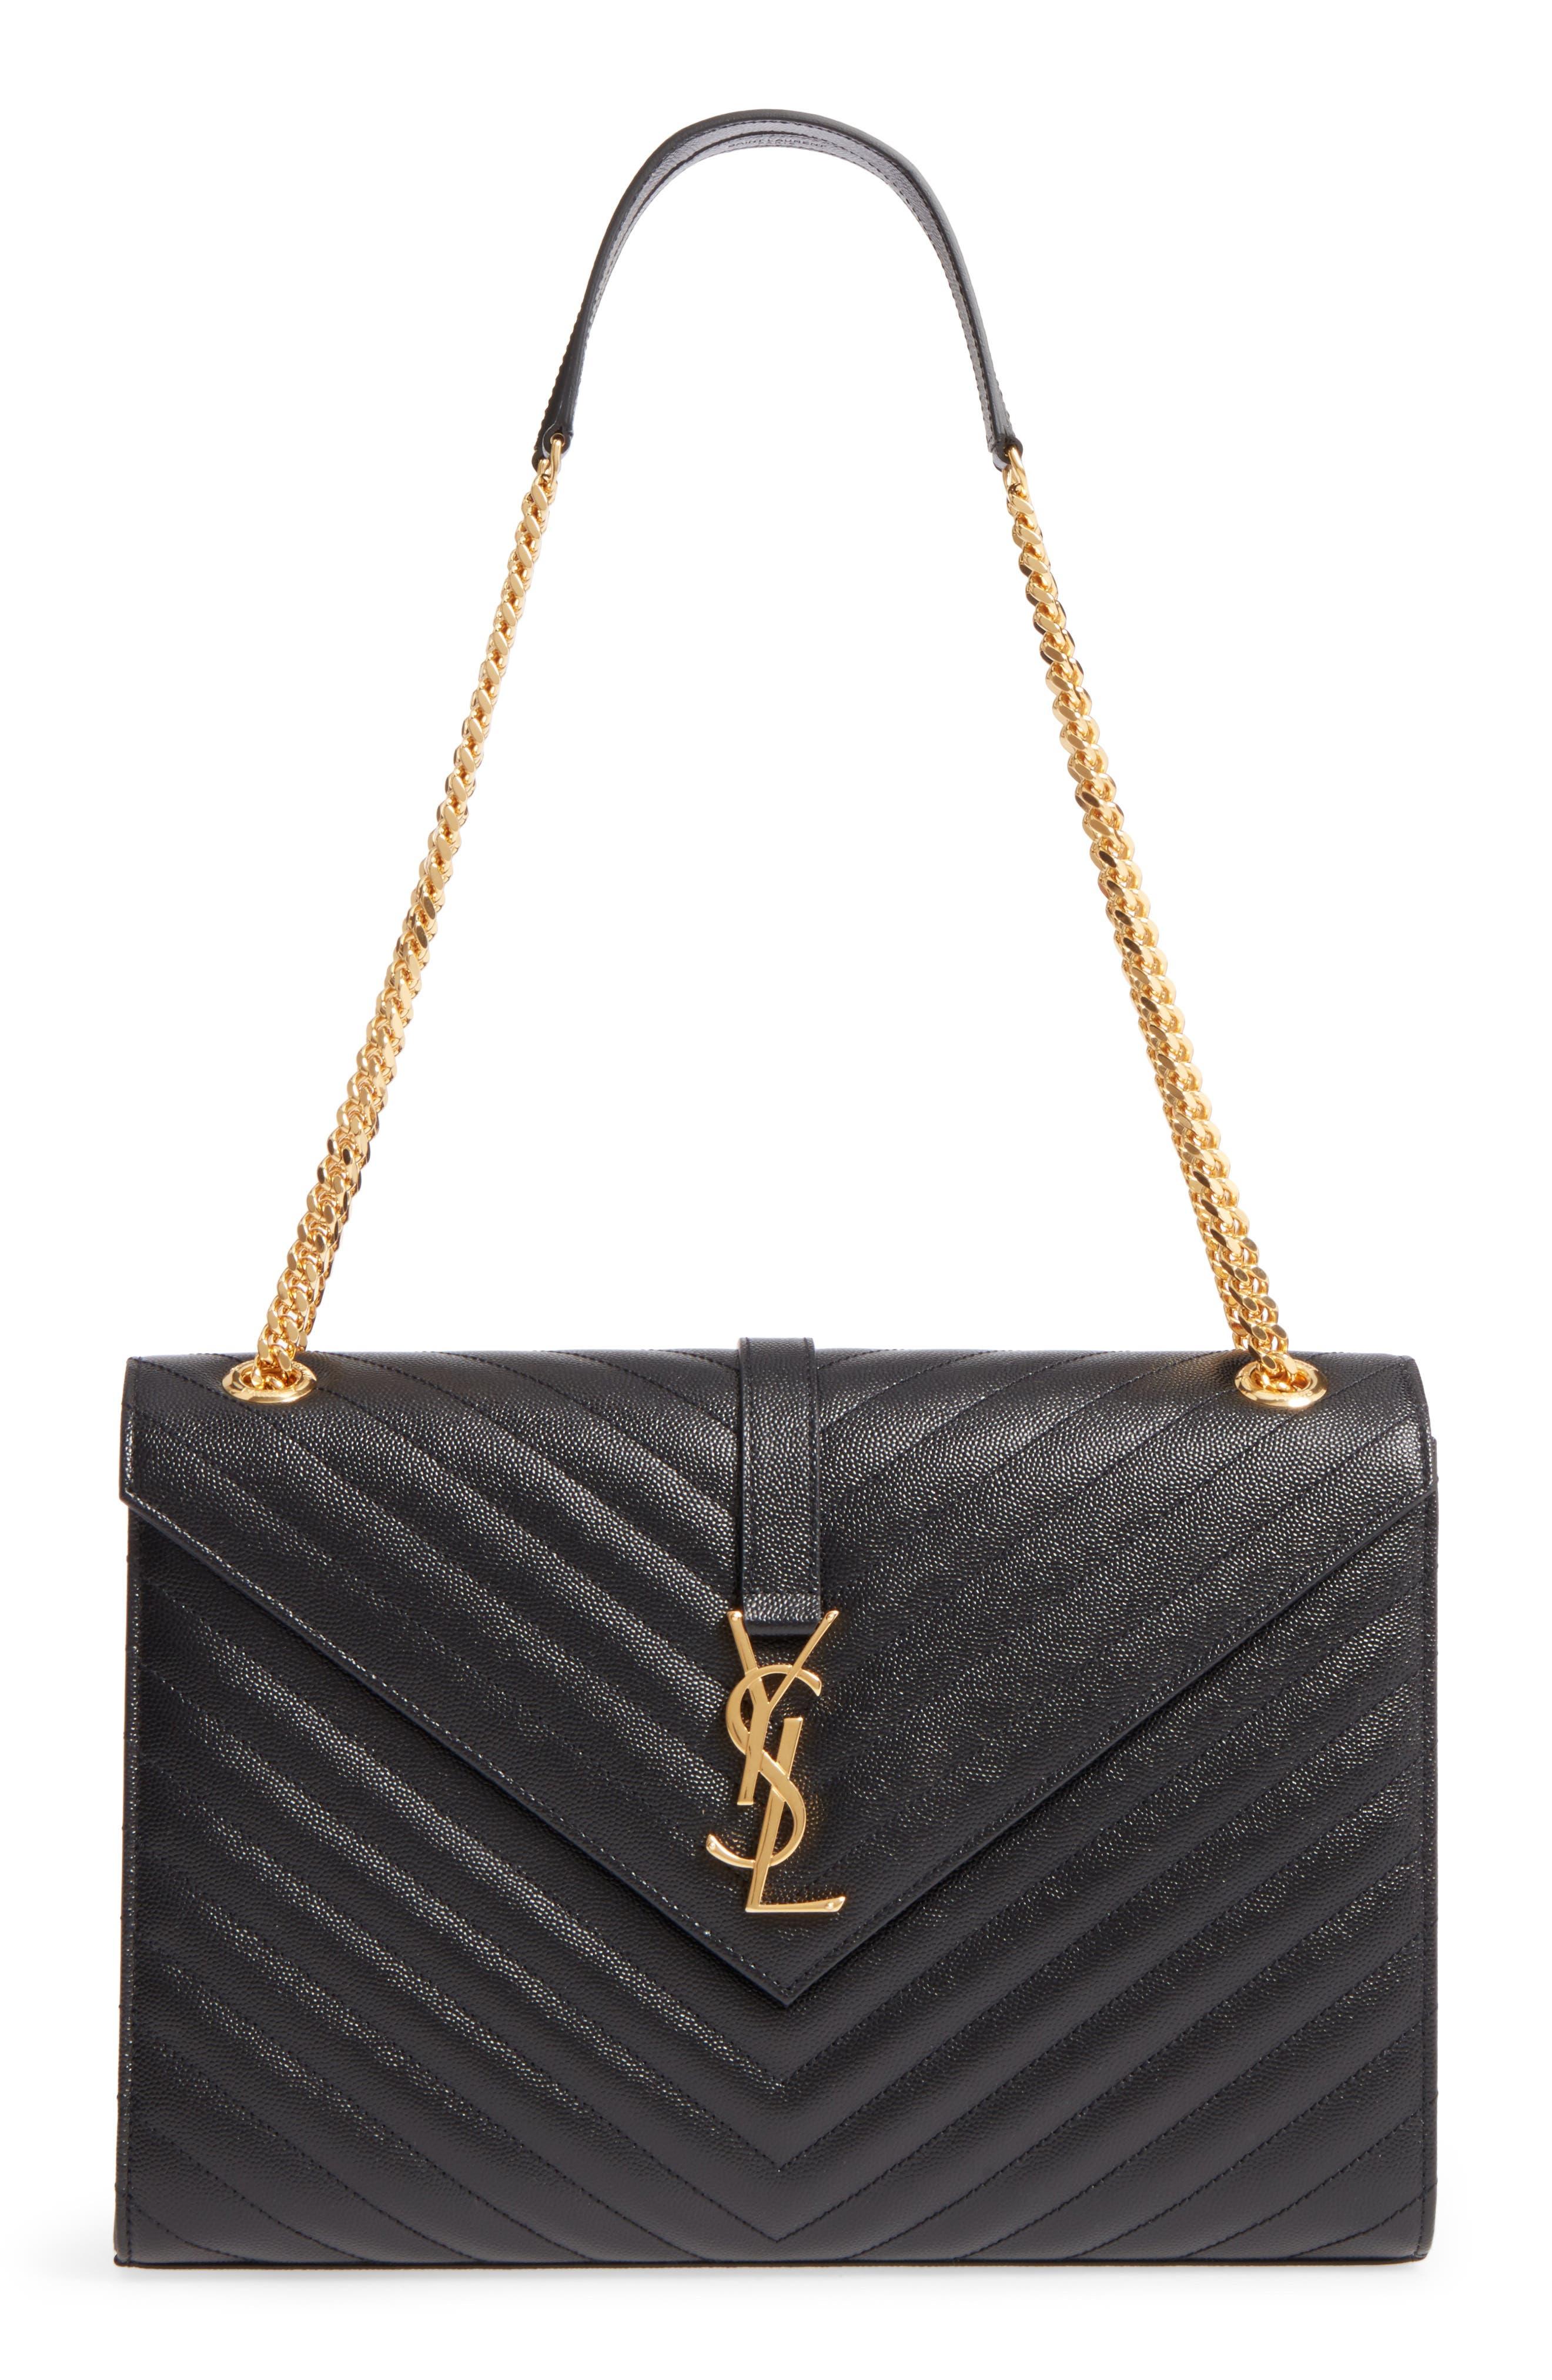 Medium Grained Matelassé Quilted Leather Shoulder Bag,                             Main thumbnail 1, color,                             001